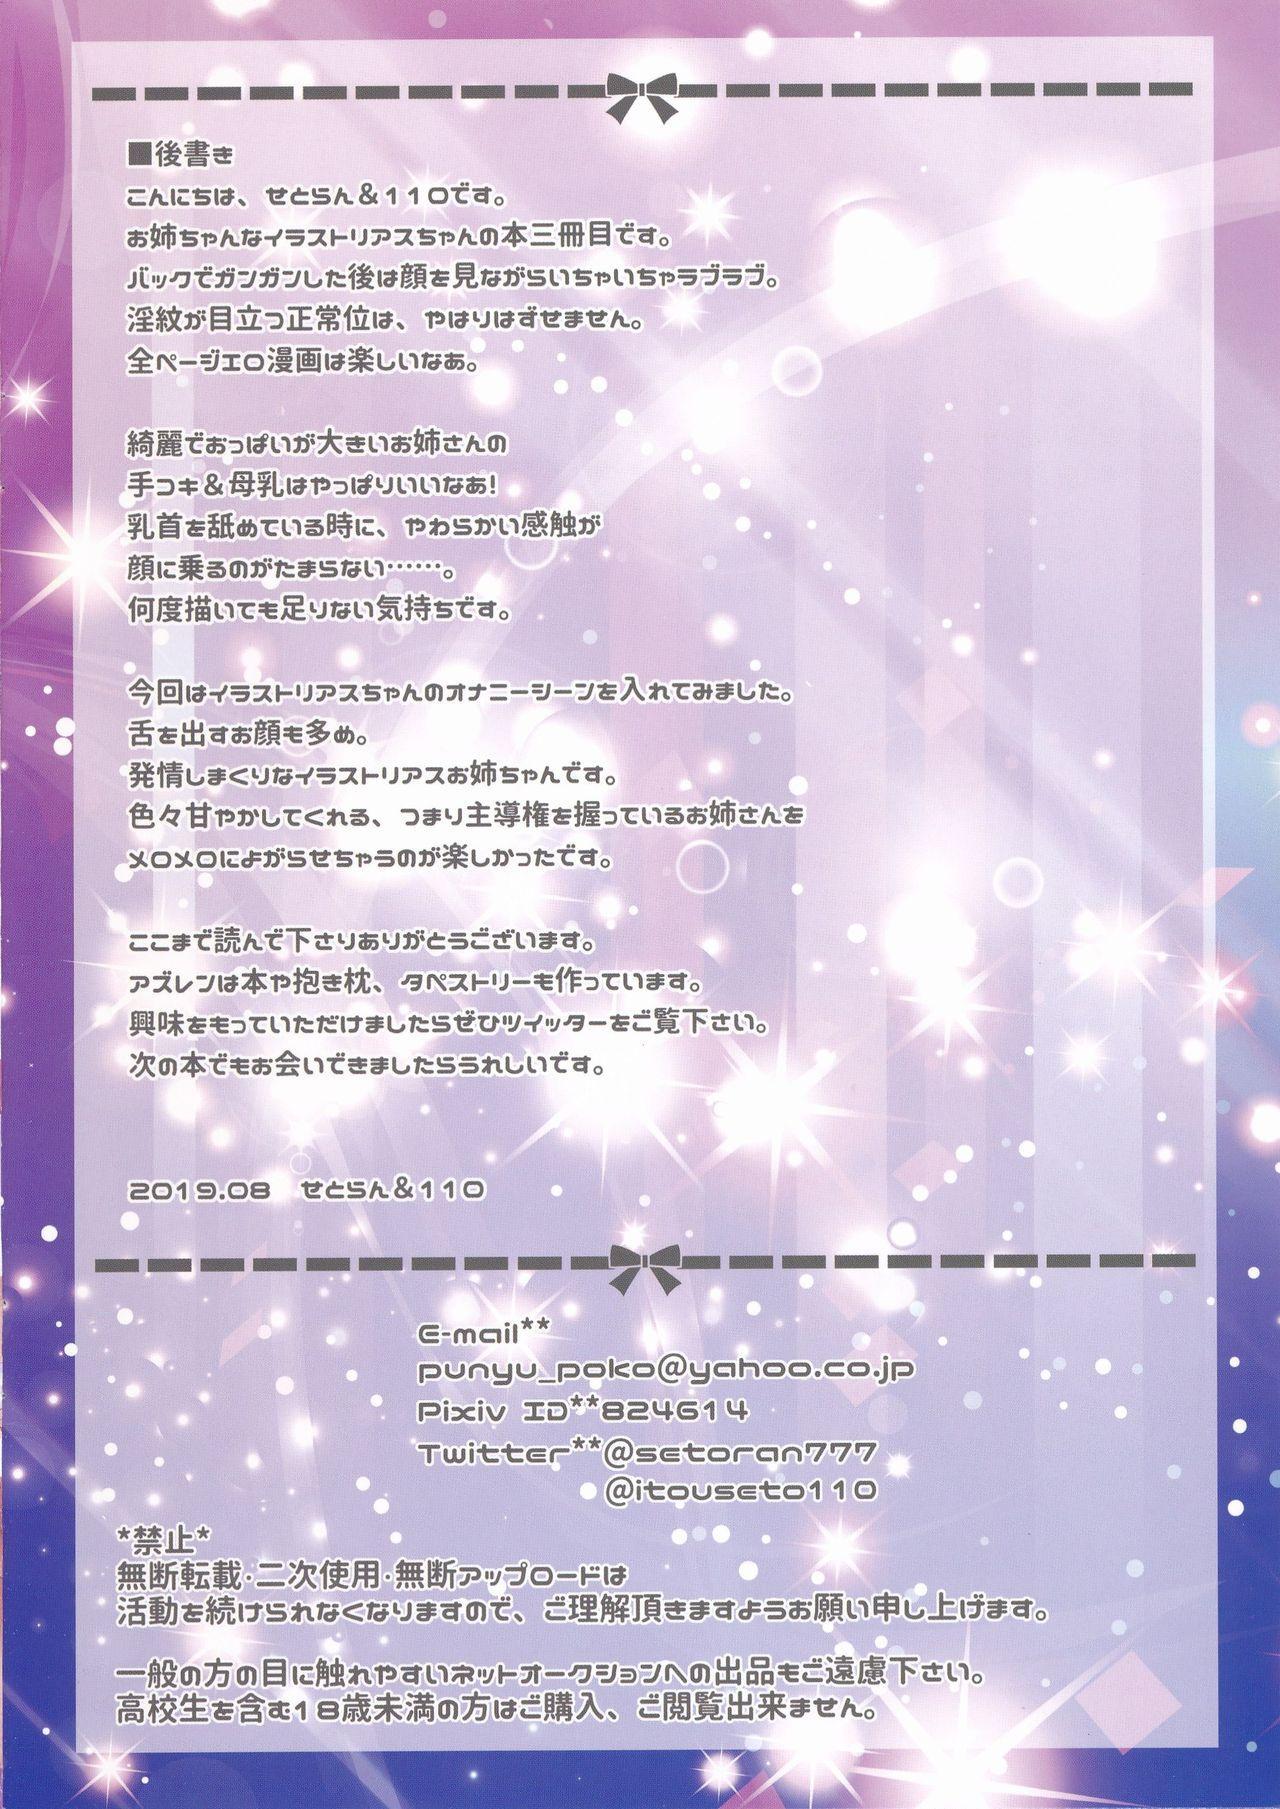 Illustrious Onee-chan to Toro~ri Amayaka Kozukurix 13